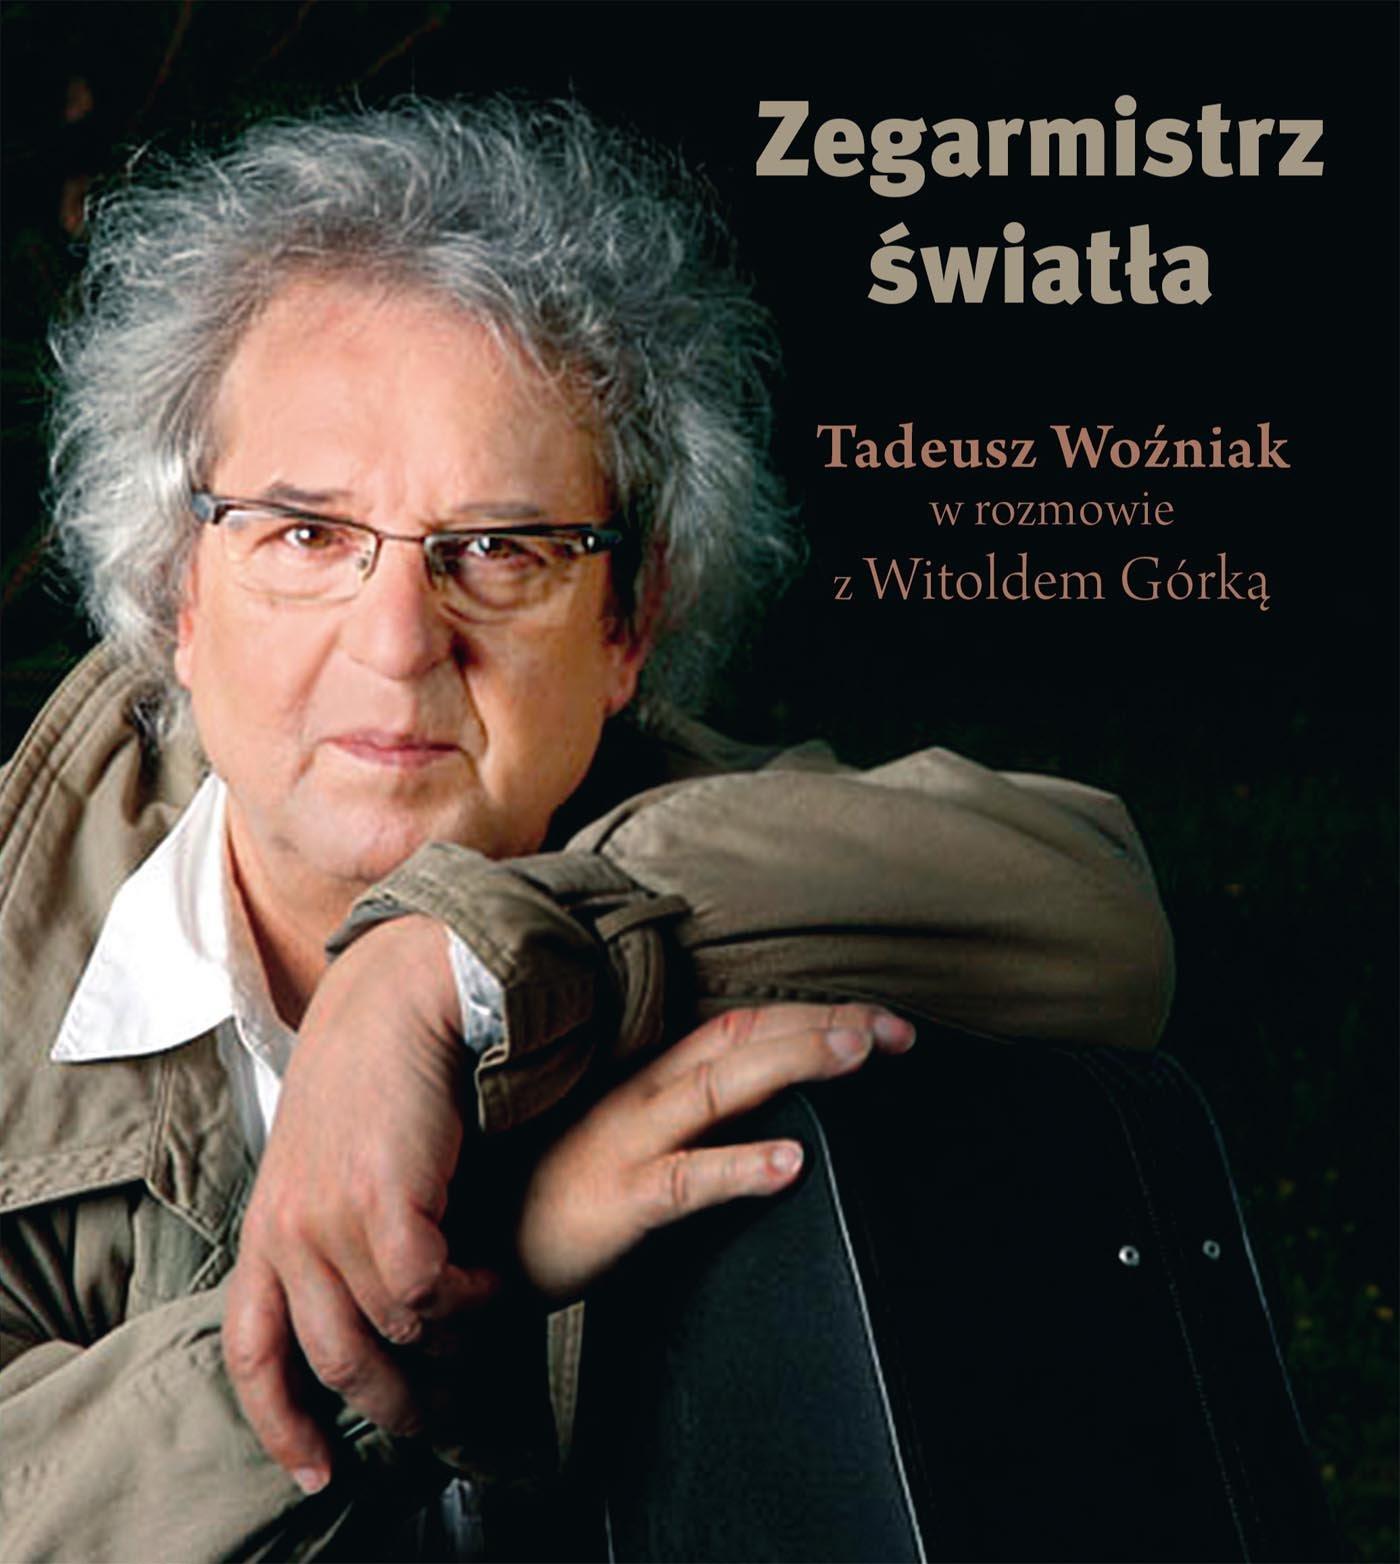 Zegarmistrz Światła.Tadeusz Woźniak w rozmowie z Witoldem Górką - Ebook (Książka EPUB) do pobrania w formacie EPUB